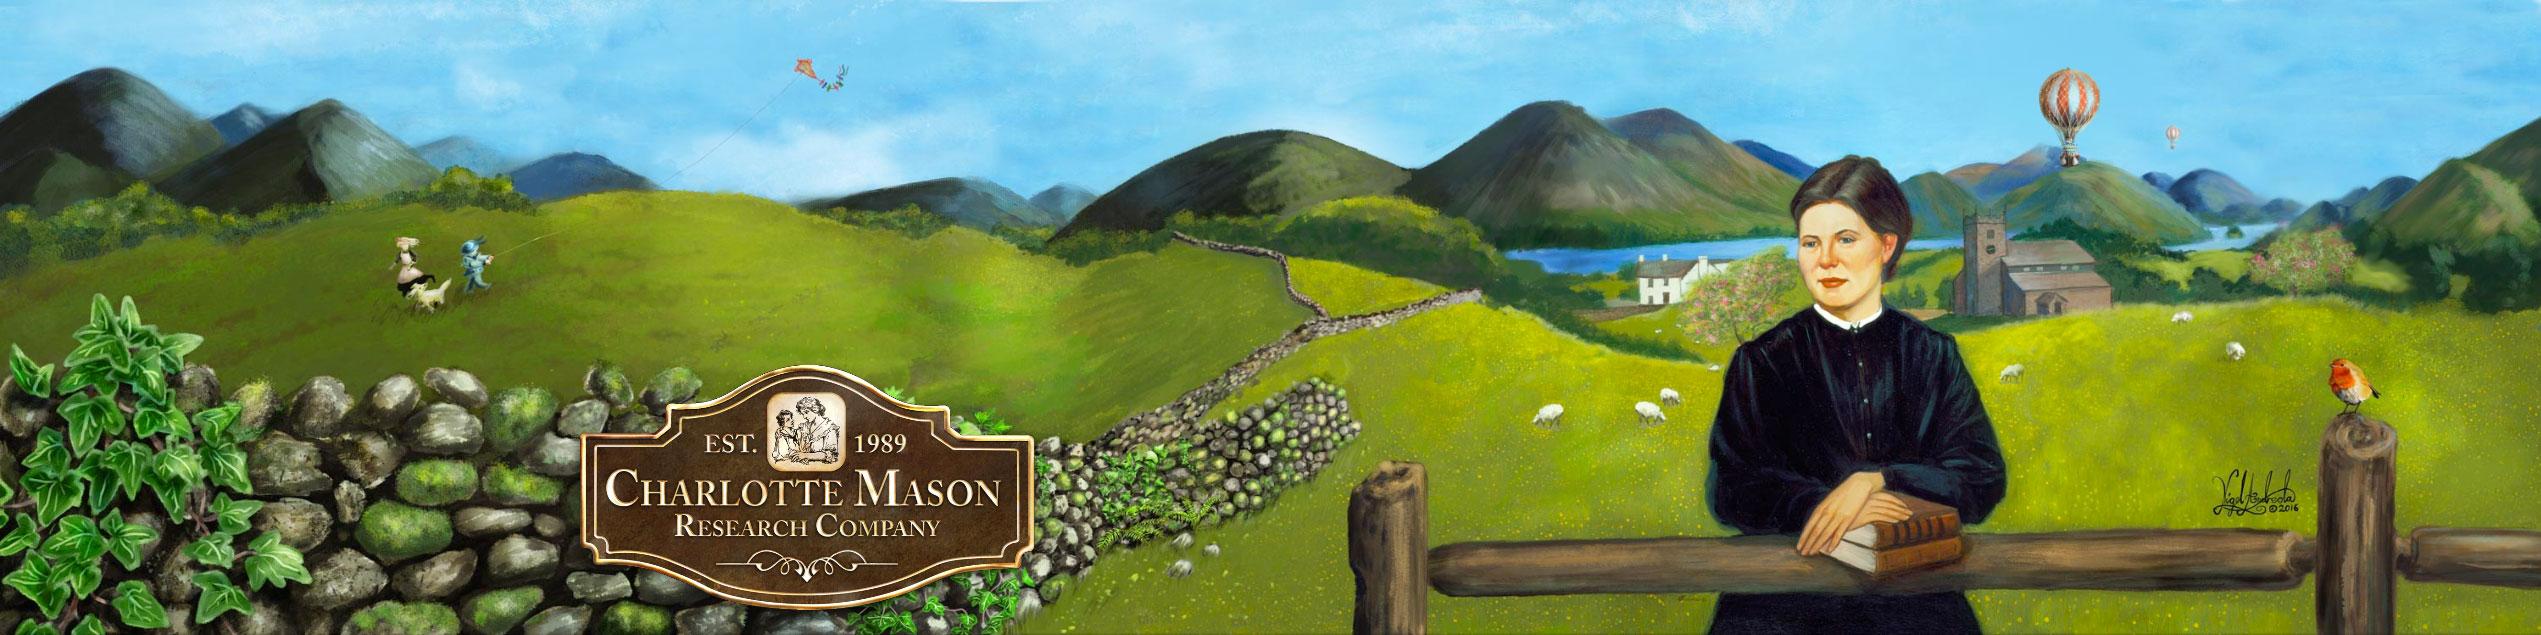 Charlotte Mason website banner-illustration